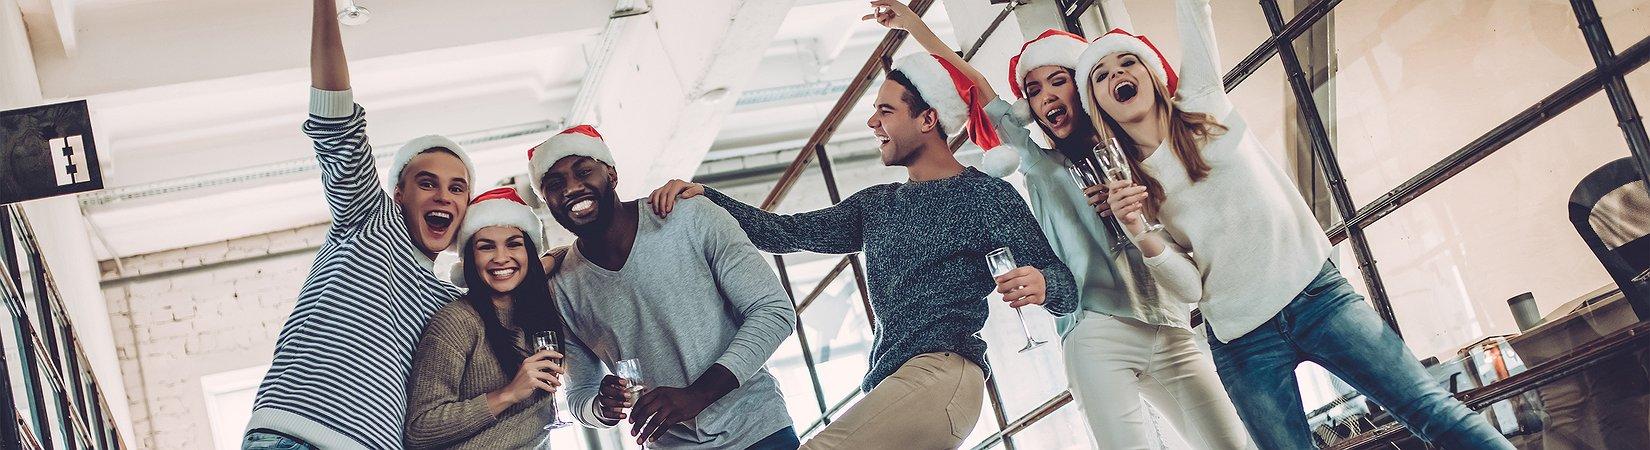 ما الذي تستطيع أن تفعله من أجل ترقيك المهني في عام 2018